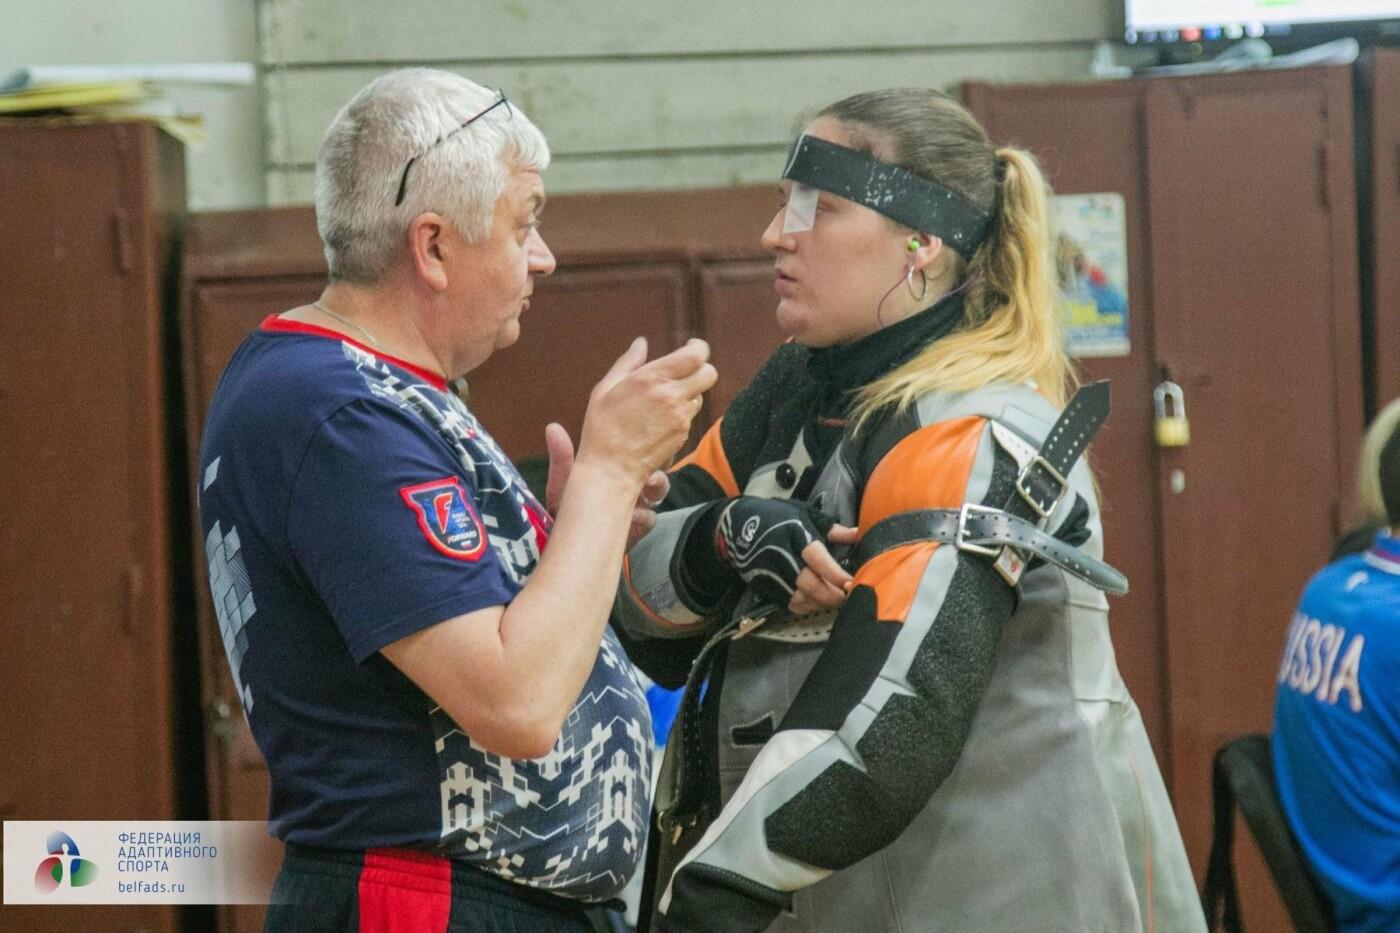 В Белгороде прошёл открытый личный Чемпионат по пулевой стрельбе среди лиц с нарушением слуха, фото-8